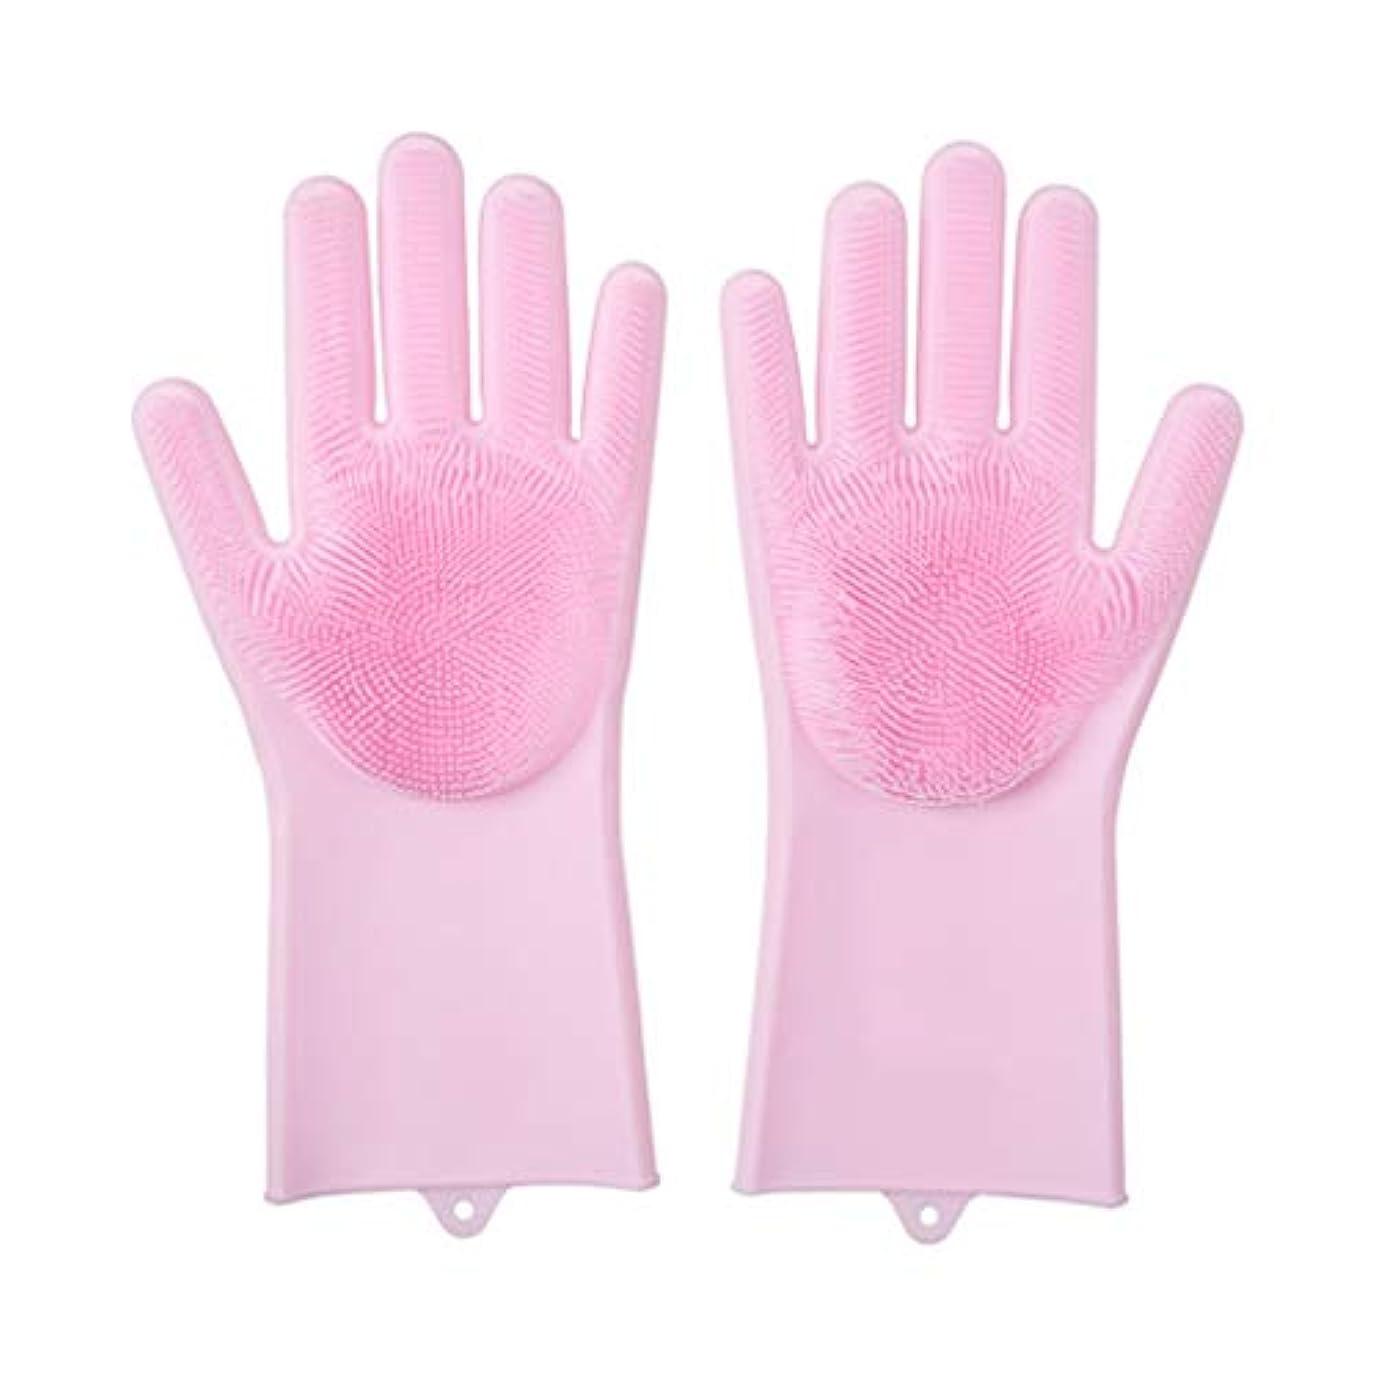 社会しっかり童謡LIUXIN スクラバー付きシリコン食器洗い手袋多機能家事ゴム手袋13.5×32.5センチマルチカラーオプション ゴム手袋 (Color : Pink)